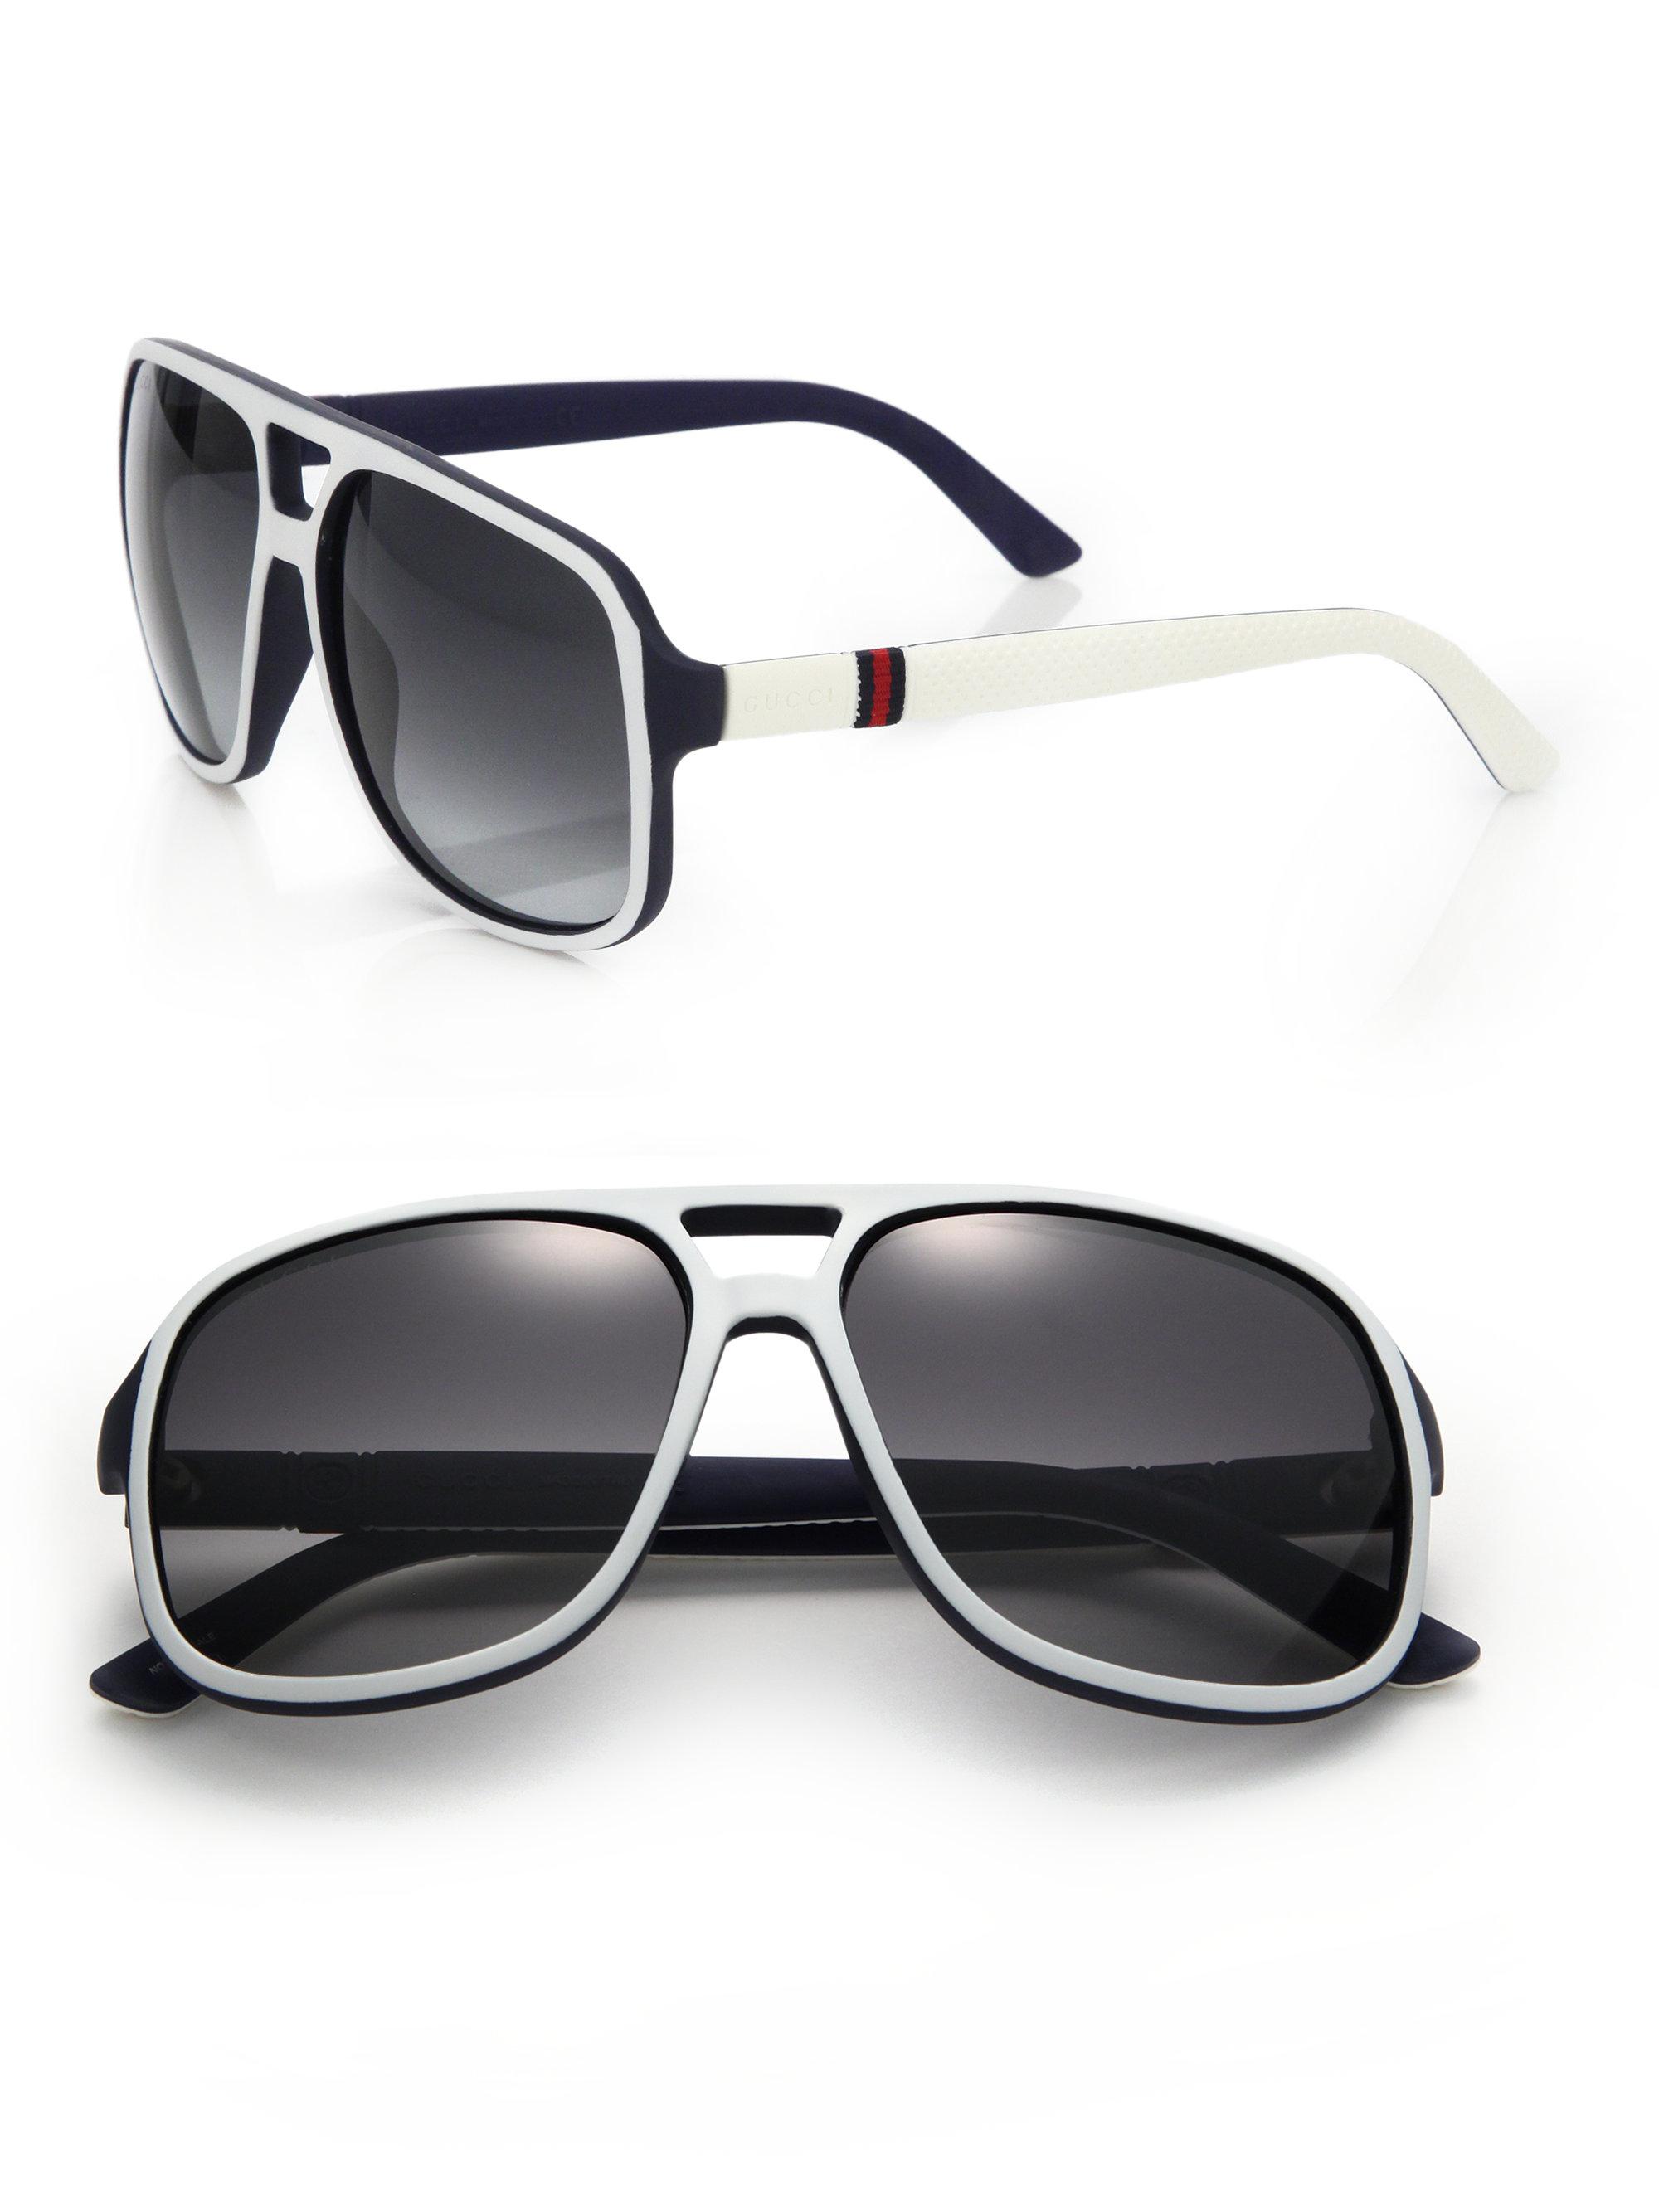 ed7cbcfd62cd Gucci 1115/s 59mm Mirror Aviator Sunglasses in Black for Men - Lyst